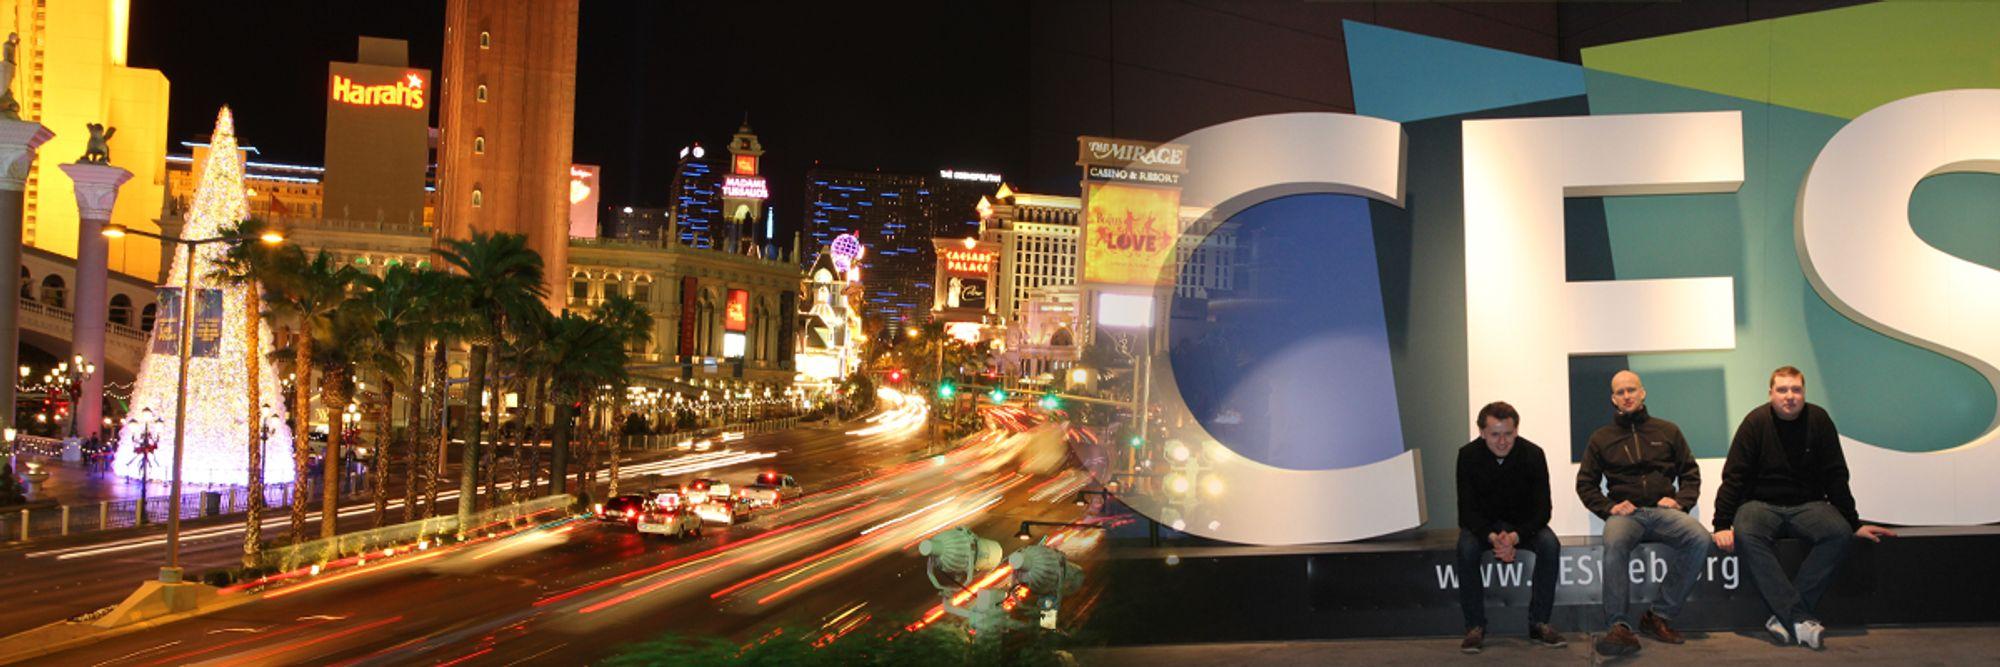 Les Om én uke braker det løs i Las Vegas